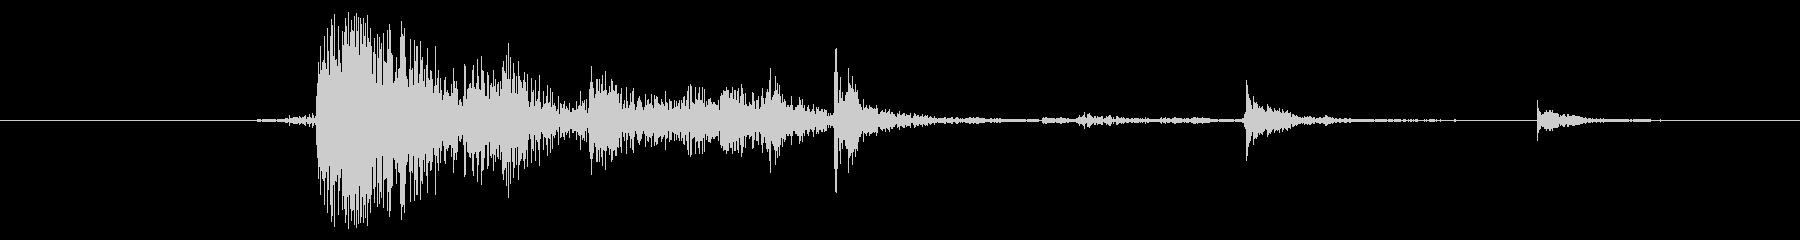 メタル プレートアーマーヒット01の未再生の波形